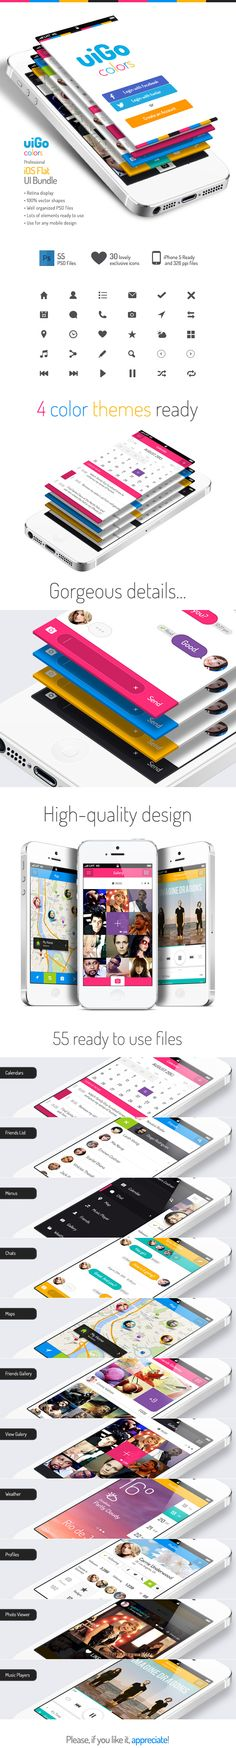 스마트폰에서 튀어나오는 화면이 매우 많은 구성으로 되어있는 것 처럼 보이도록 디자인되었다.